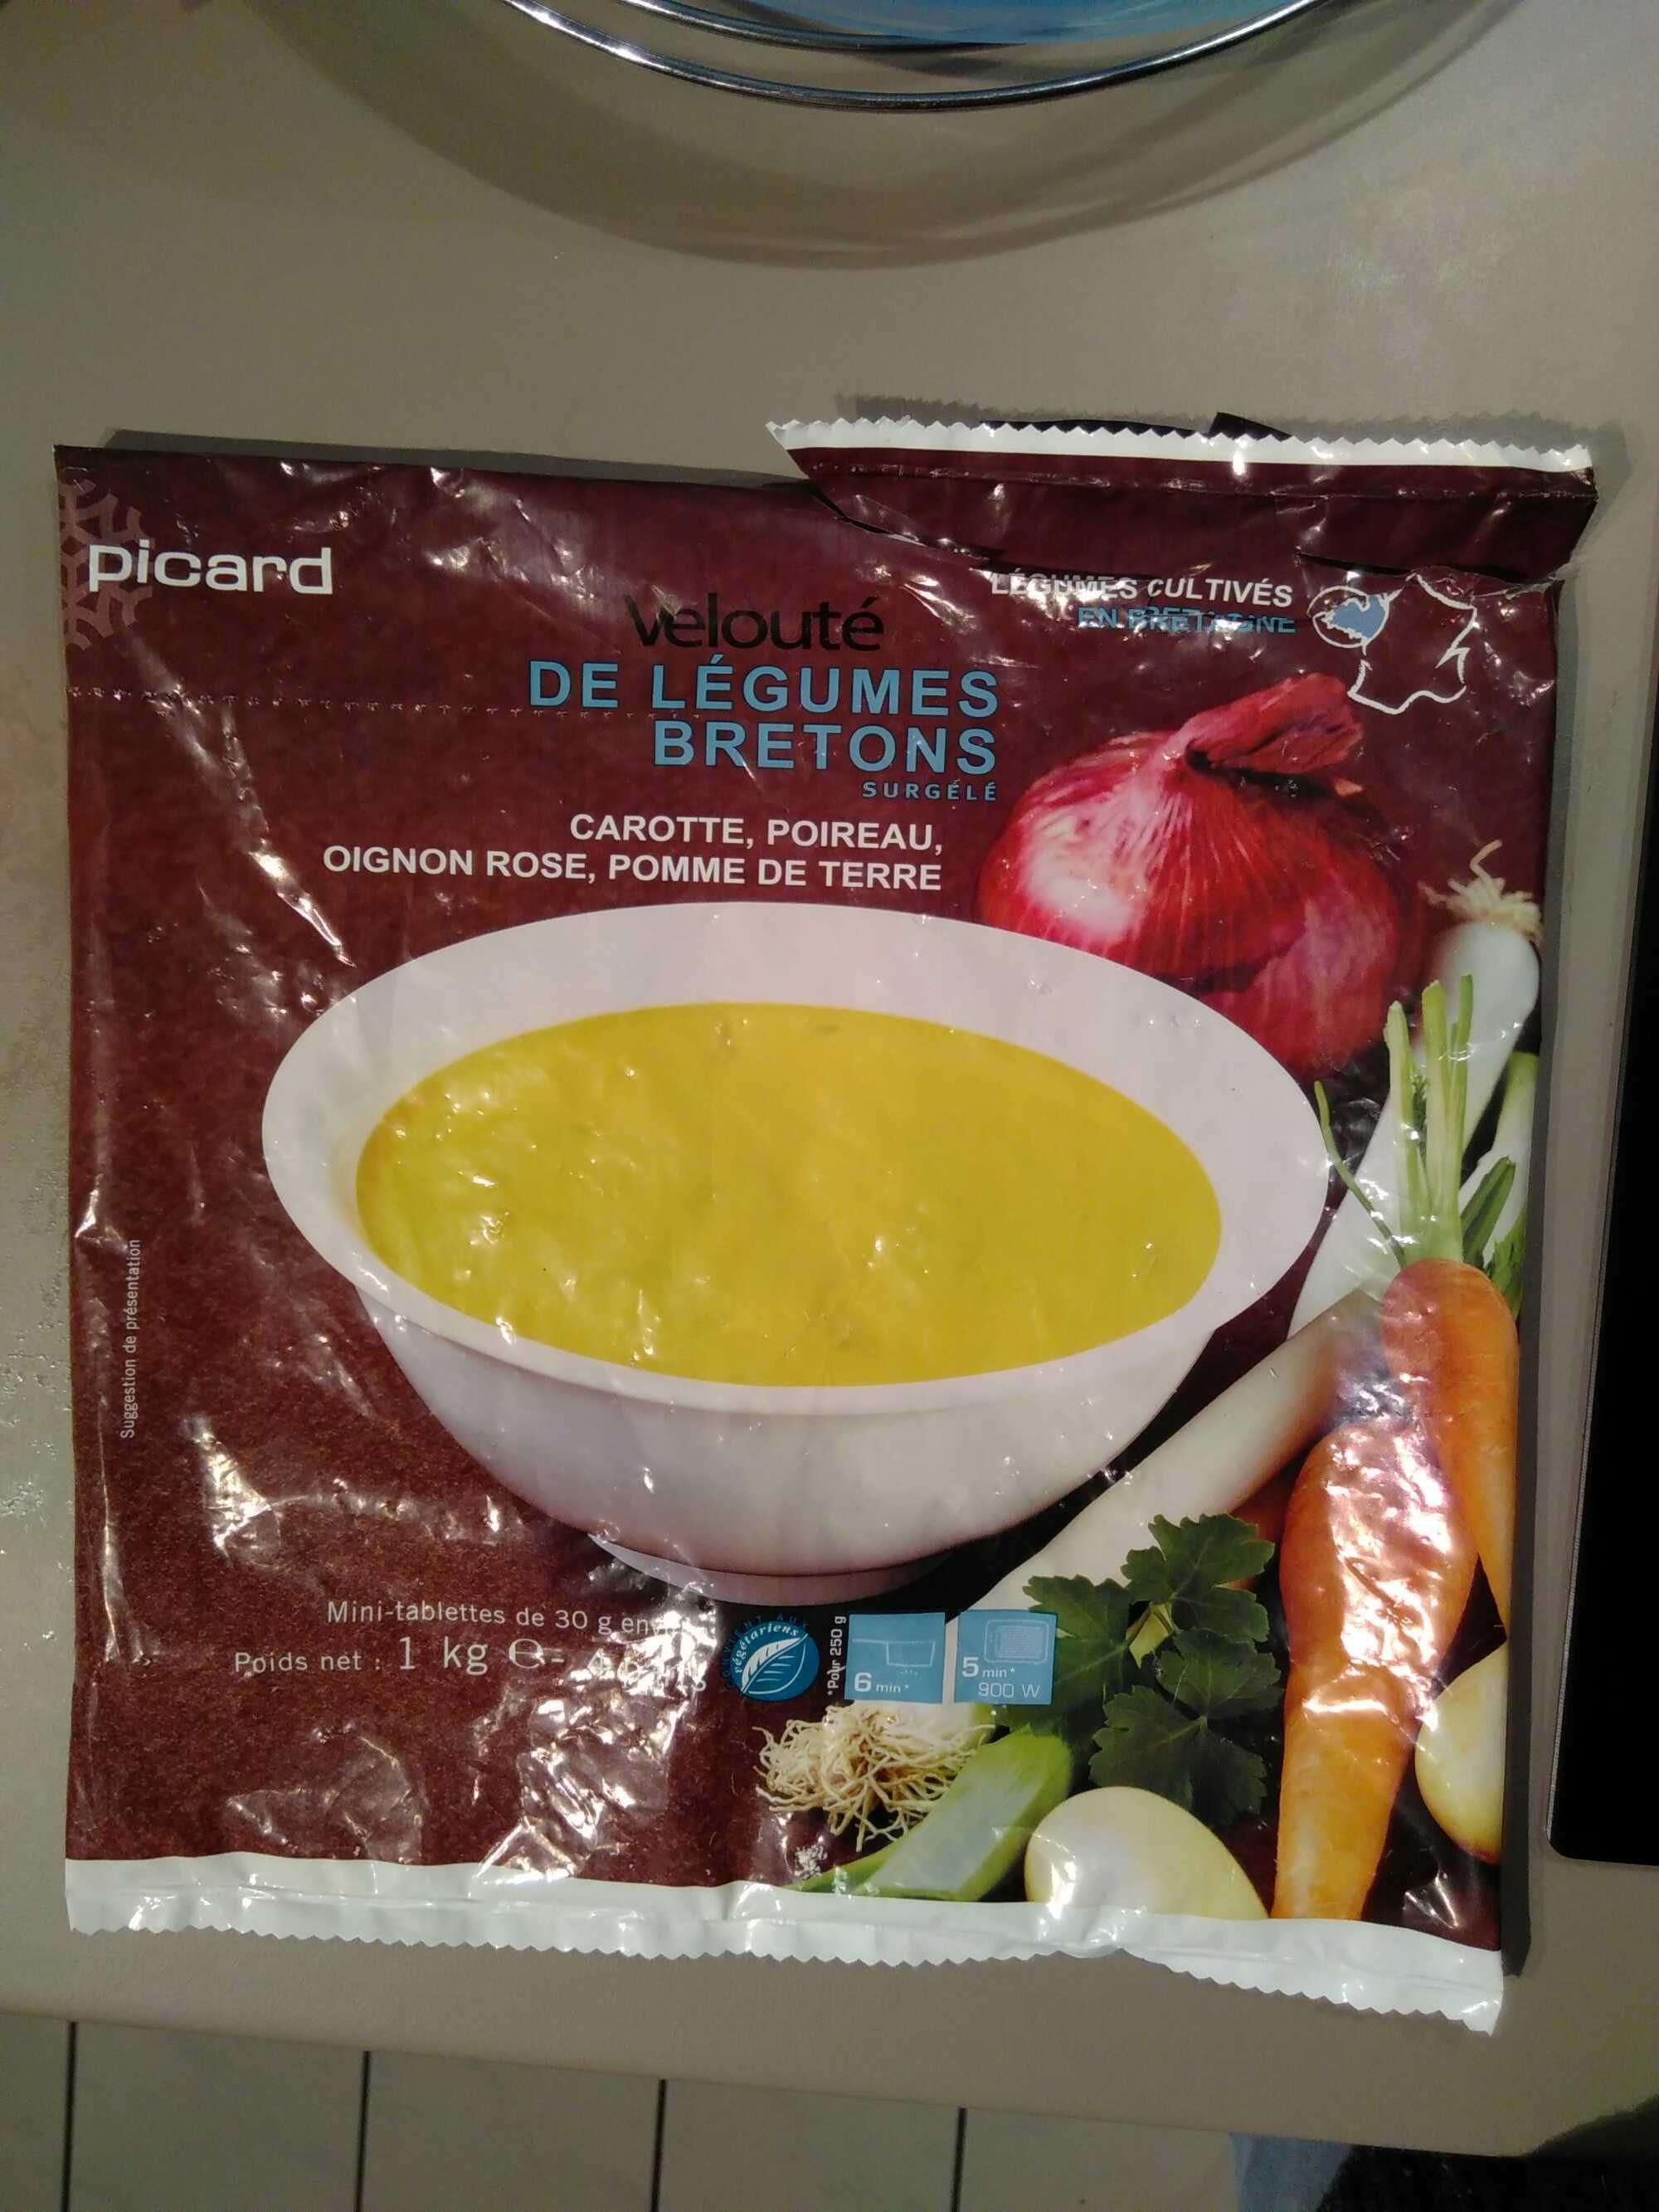 acc8e432933 Velouté de Légumes Bretons Surgelé - Picard - 1 kg e